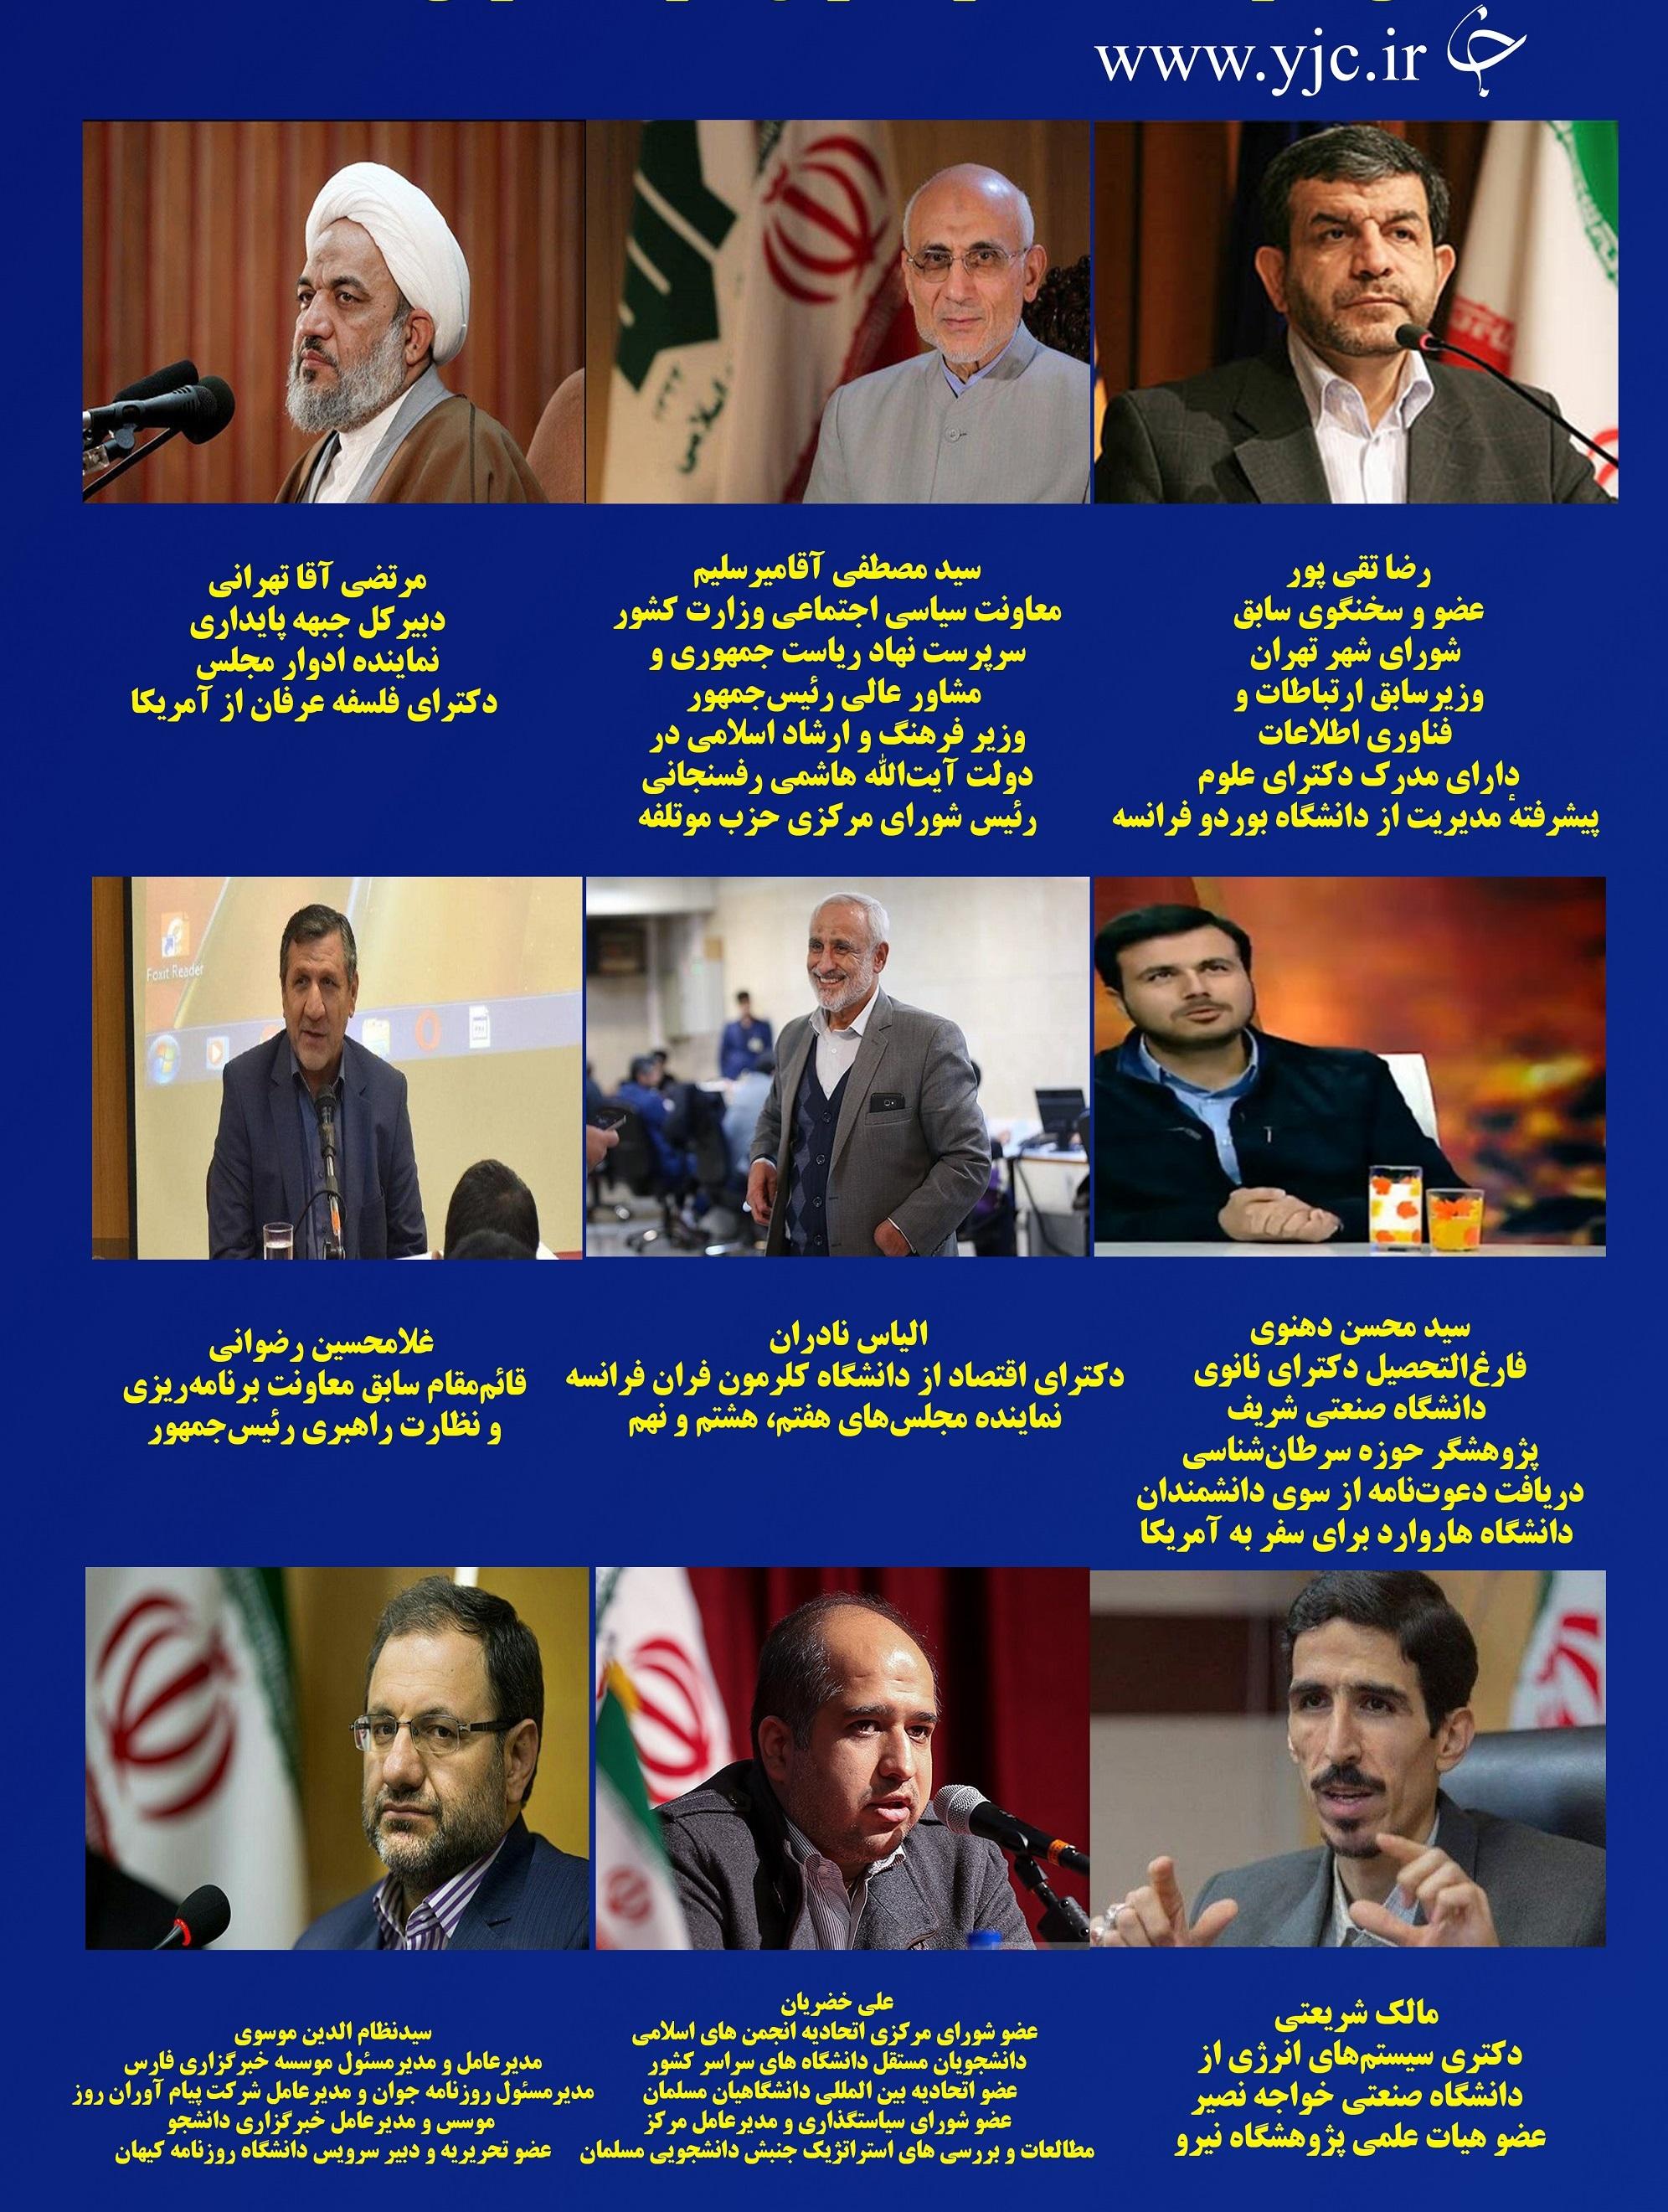 اینفوگرافی افراد شاخص لیست وحدت اصولگرایان و اصلاحطلبان - 6